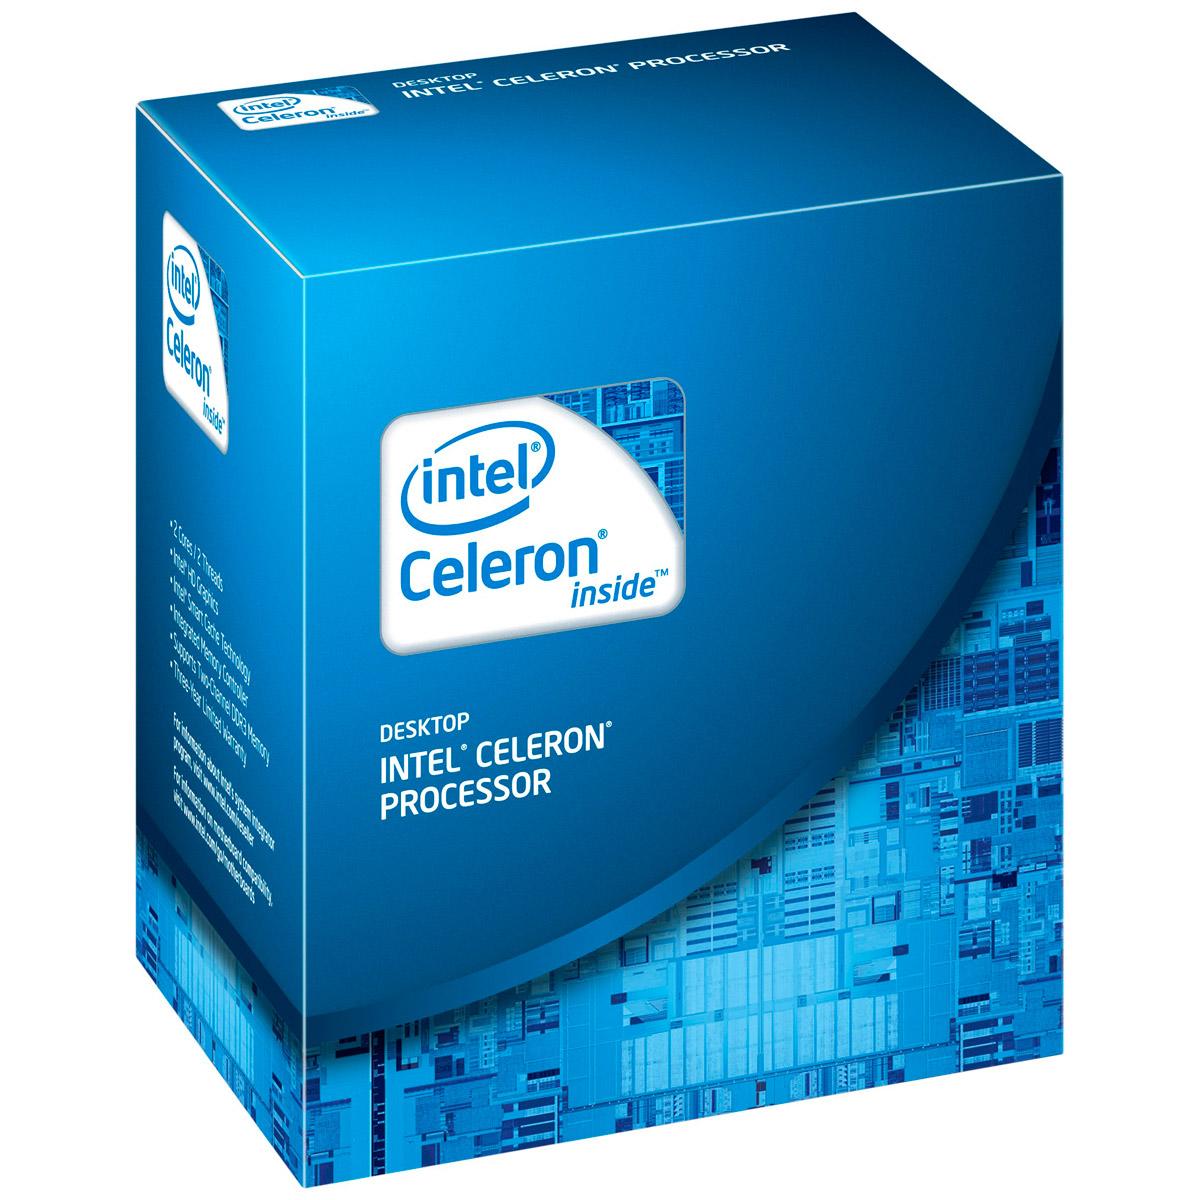 Processeur Intel Celeron G1630 (2.8 GHz) Processeur Dual Core 2.8 GHz Socket 1155 Cache L3 2 Mo Intel HD Graphics 0.022 micron (version boîte - garantie Intel 3 ans)